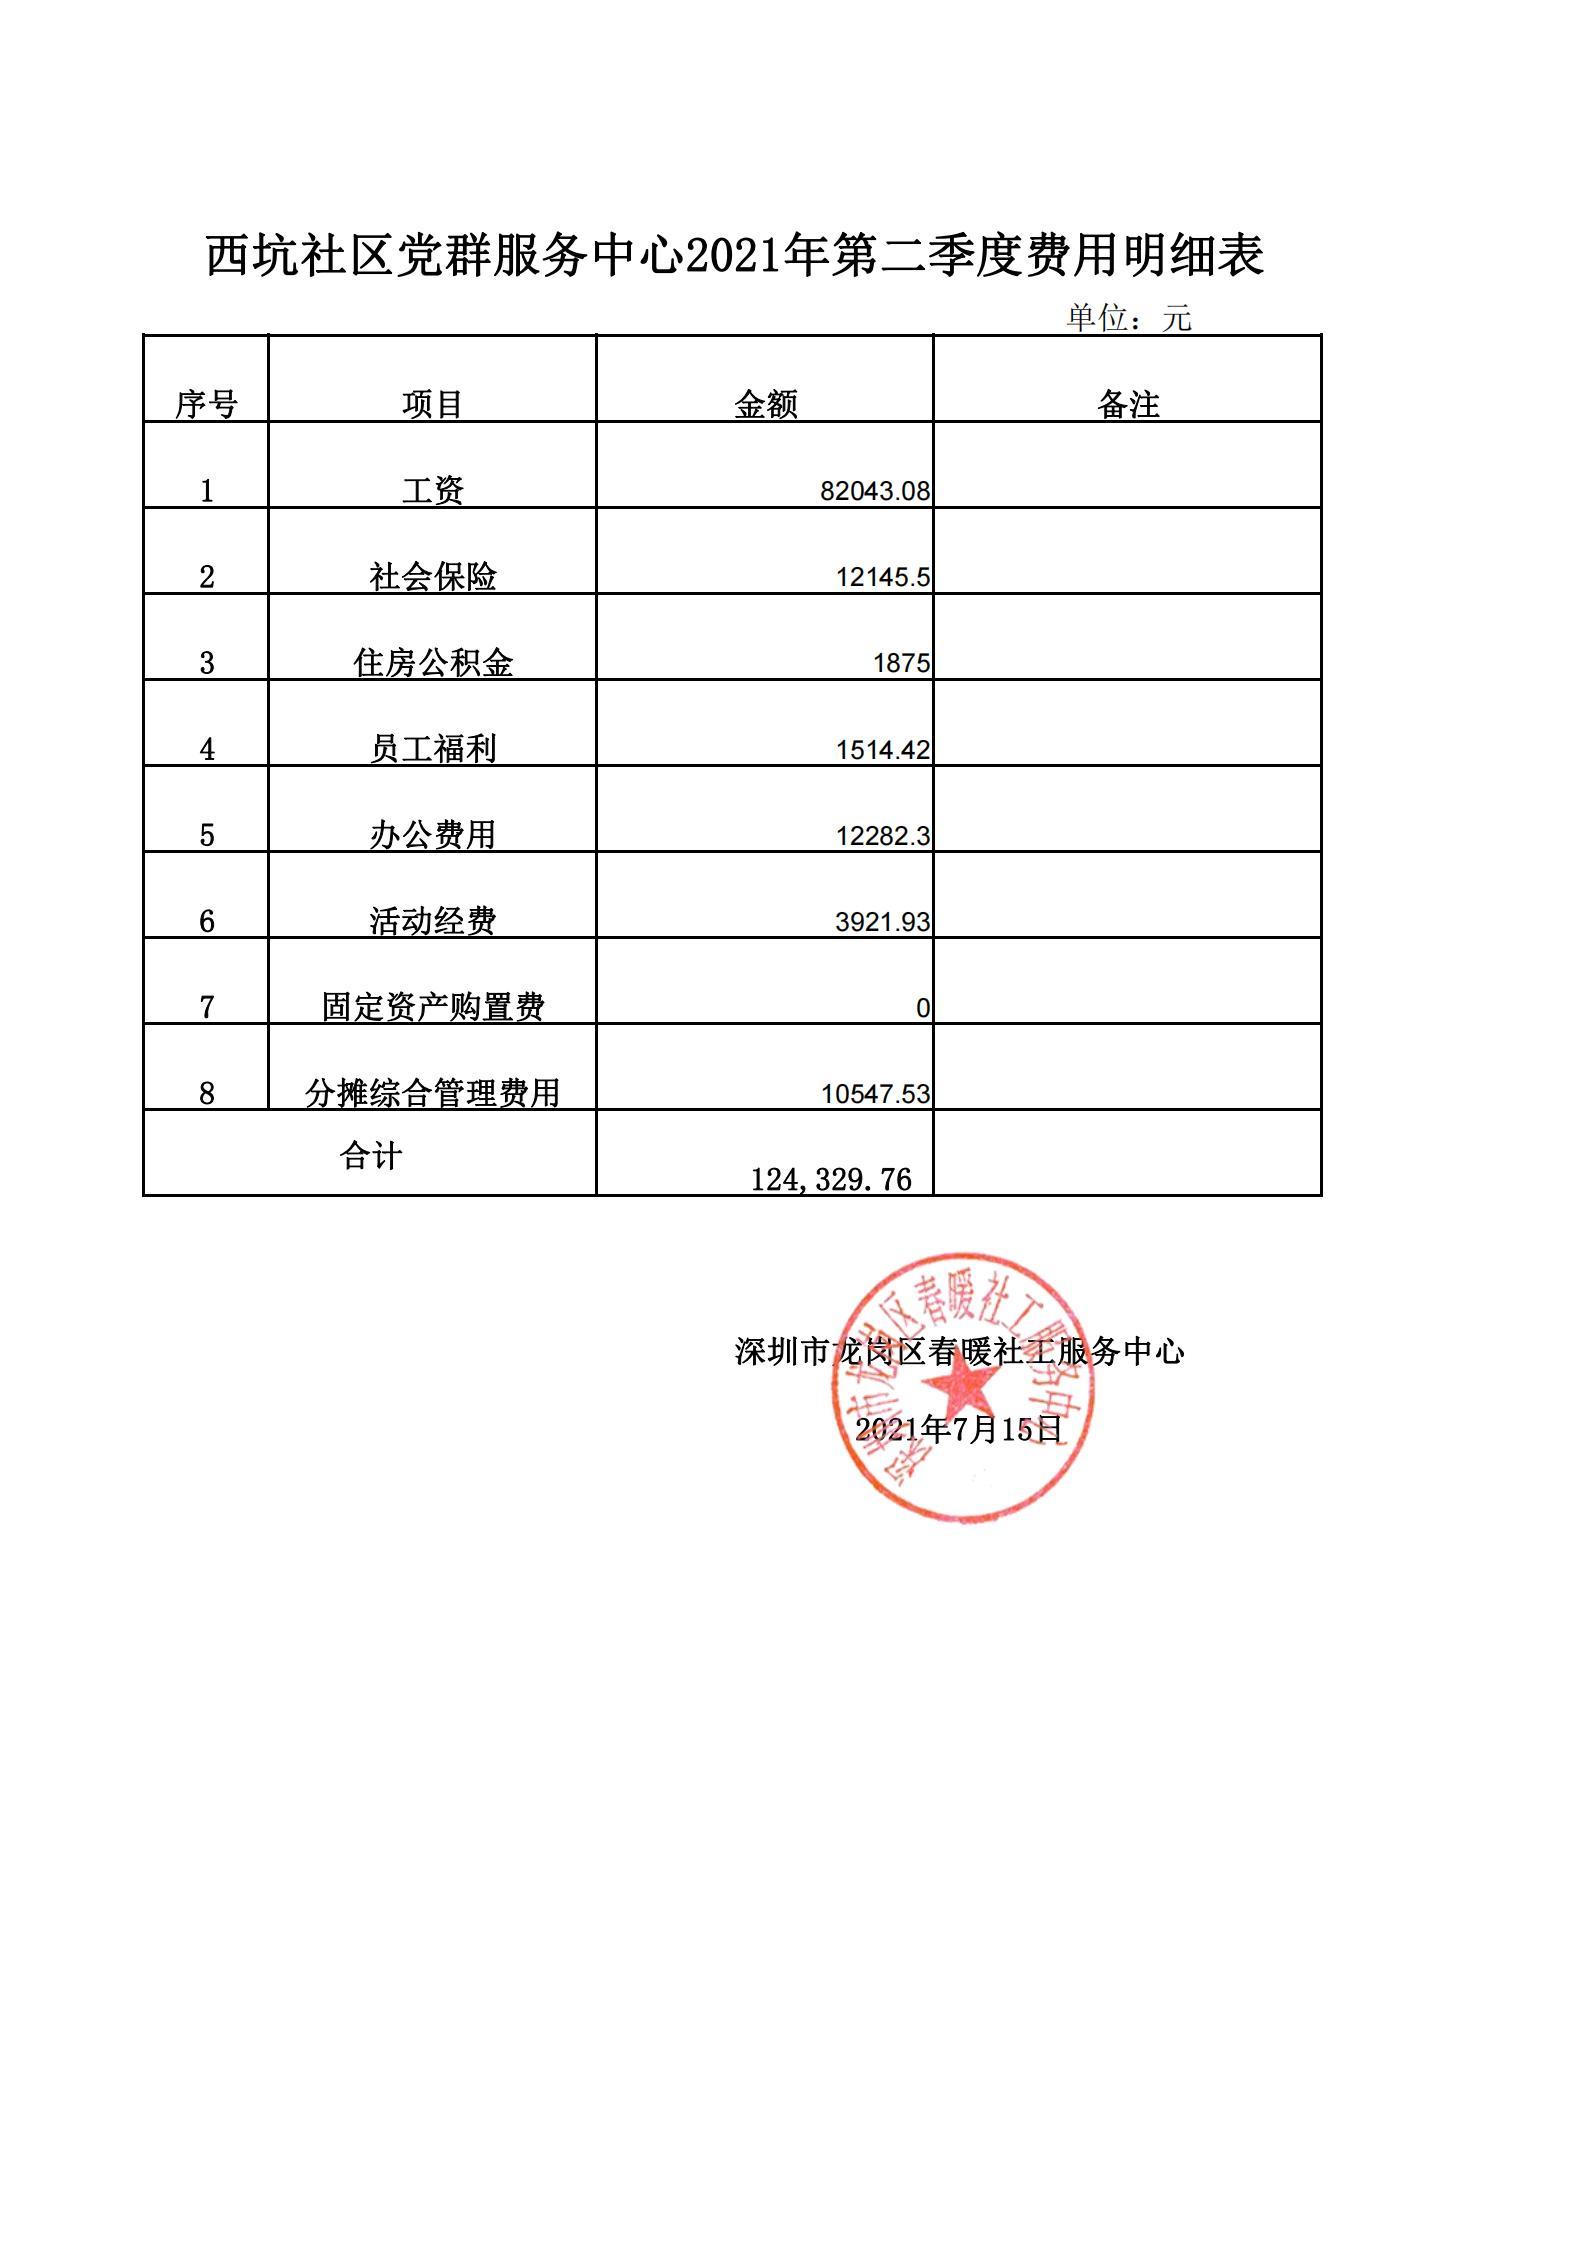 春暖社工34个社区党群服务中心2021年第二季度财务公示表